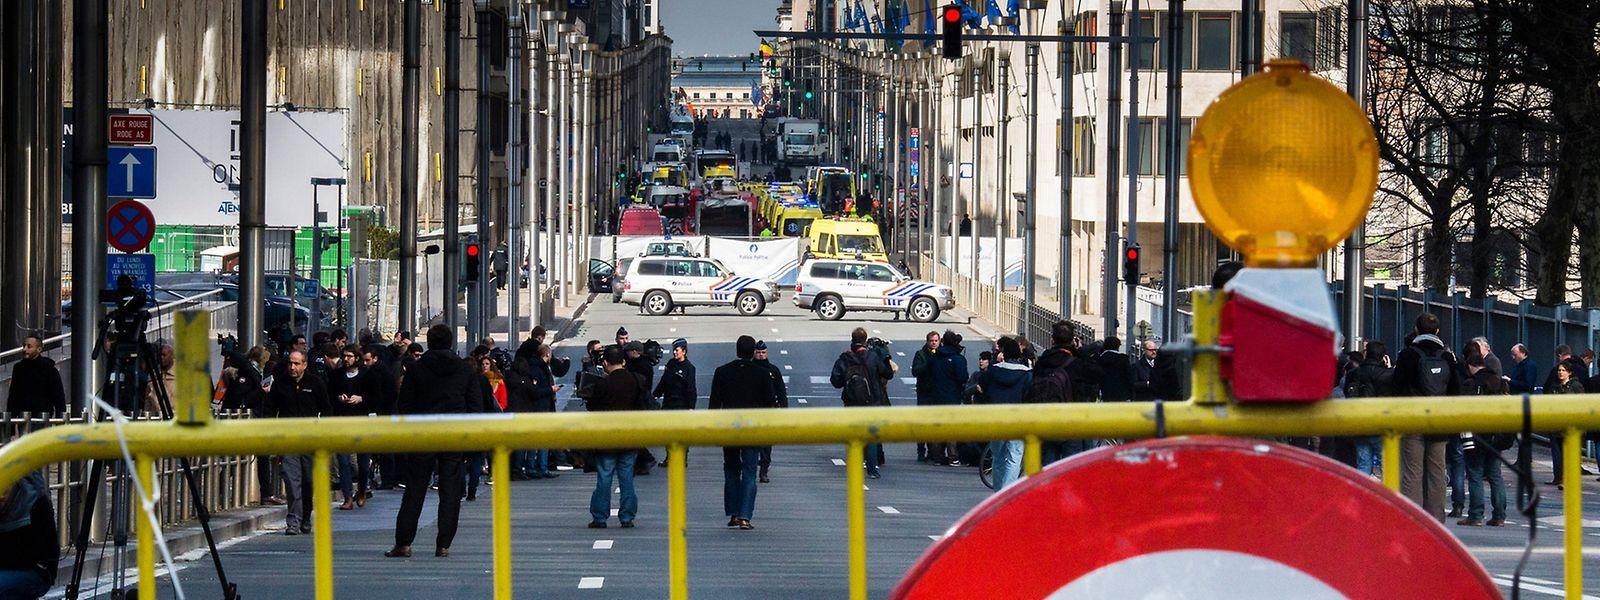 Die belgischen Handynetze waren nach den Terroranschlägen schnell überlastet und im Umfeld der Tatorte kaum noch zu benutzen.